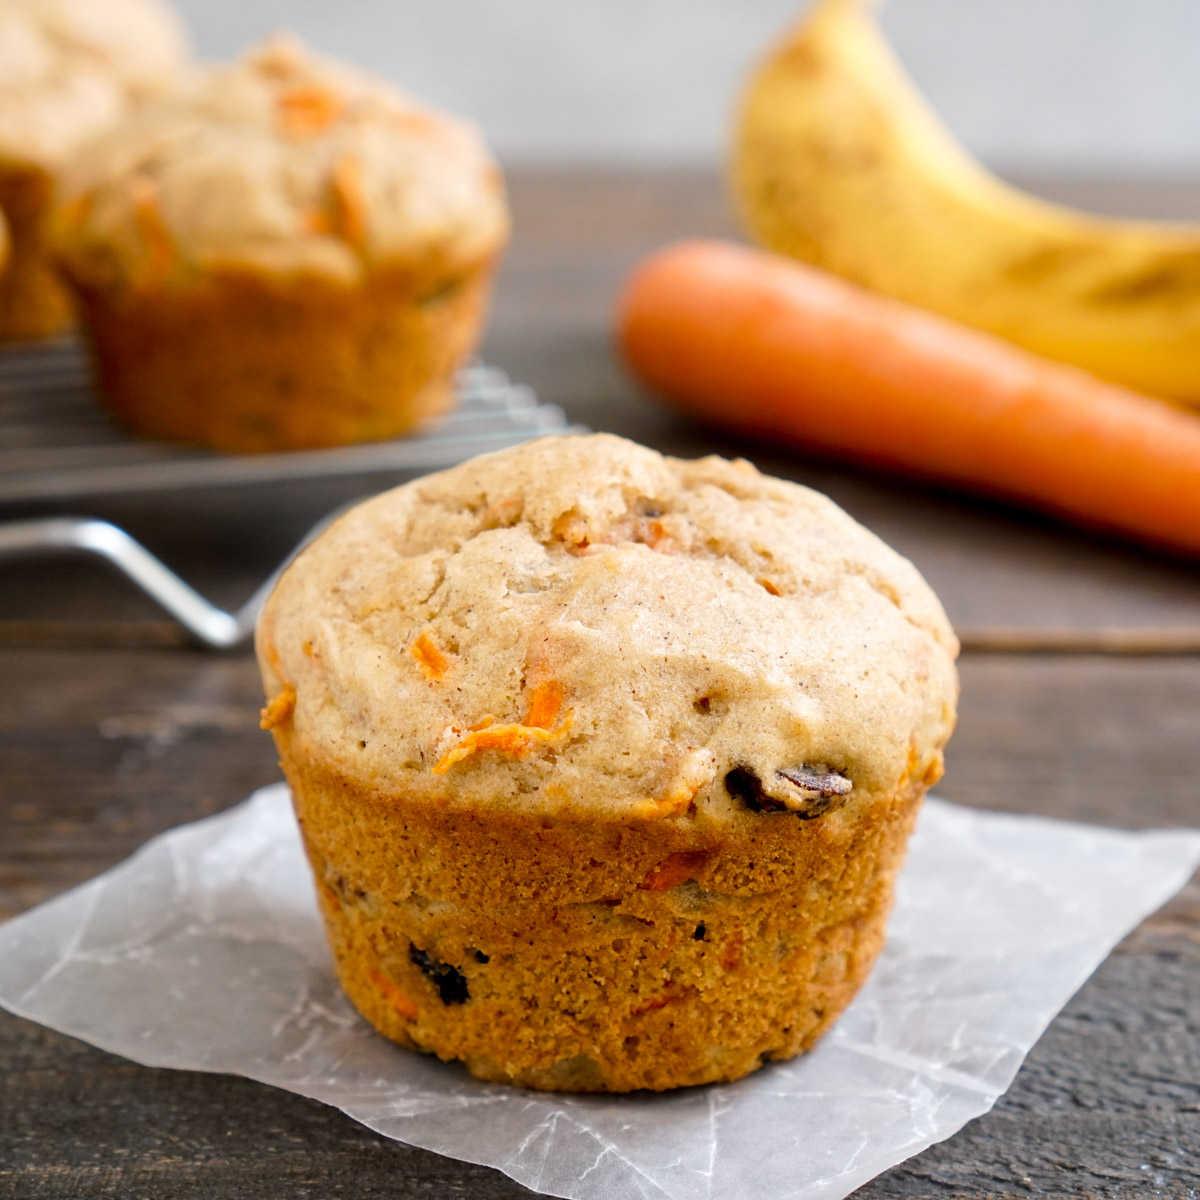 Banana carrot muffin